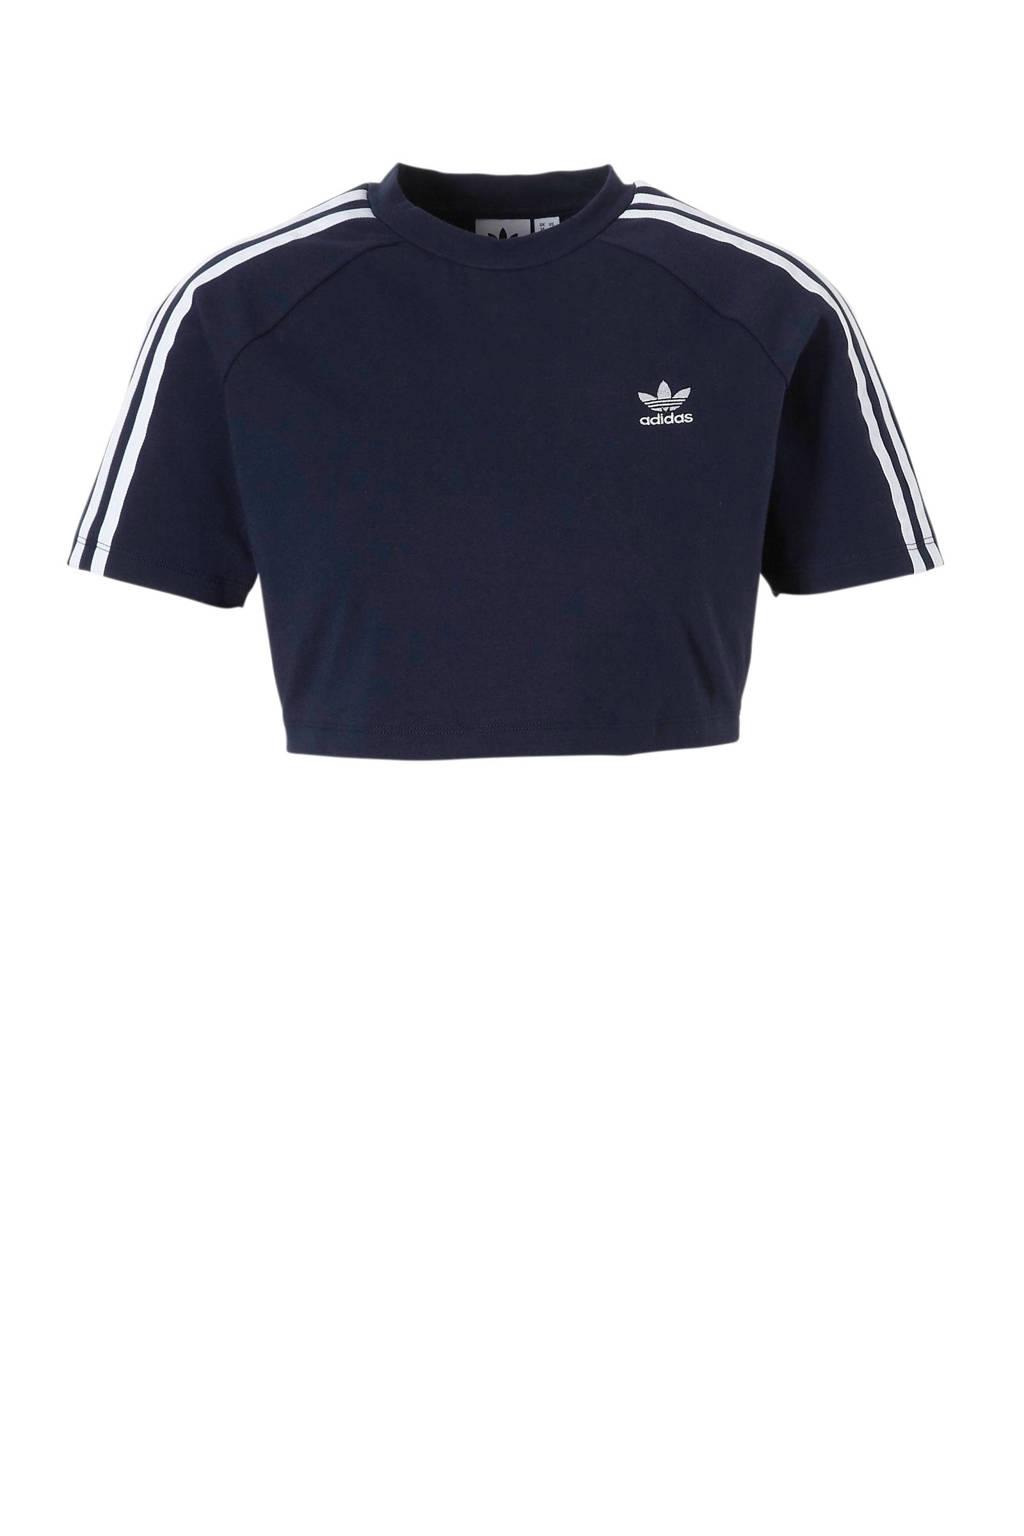 adidas originals T-shirt, Donkerblauw/bloemenprint